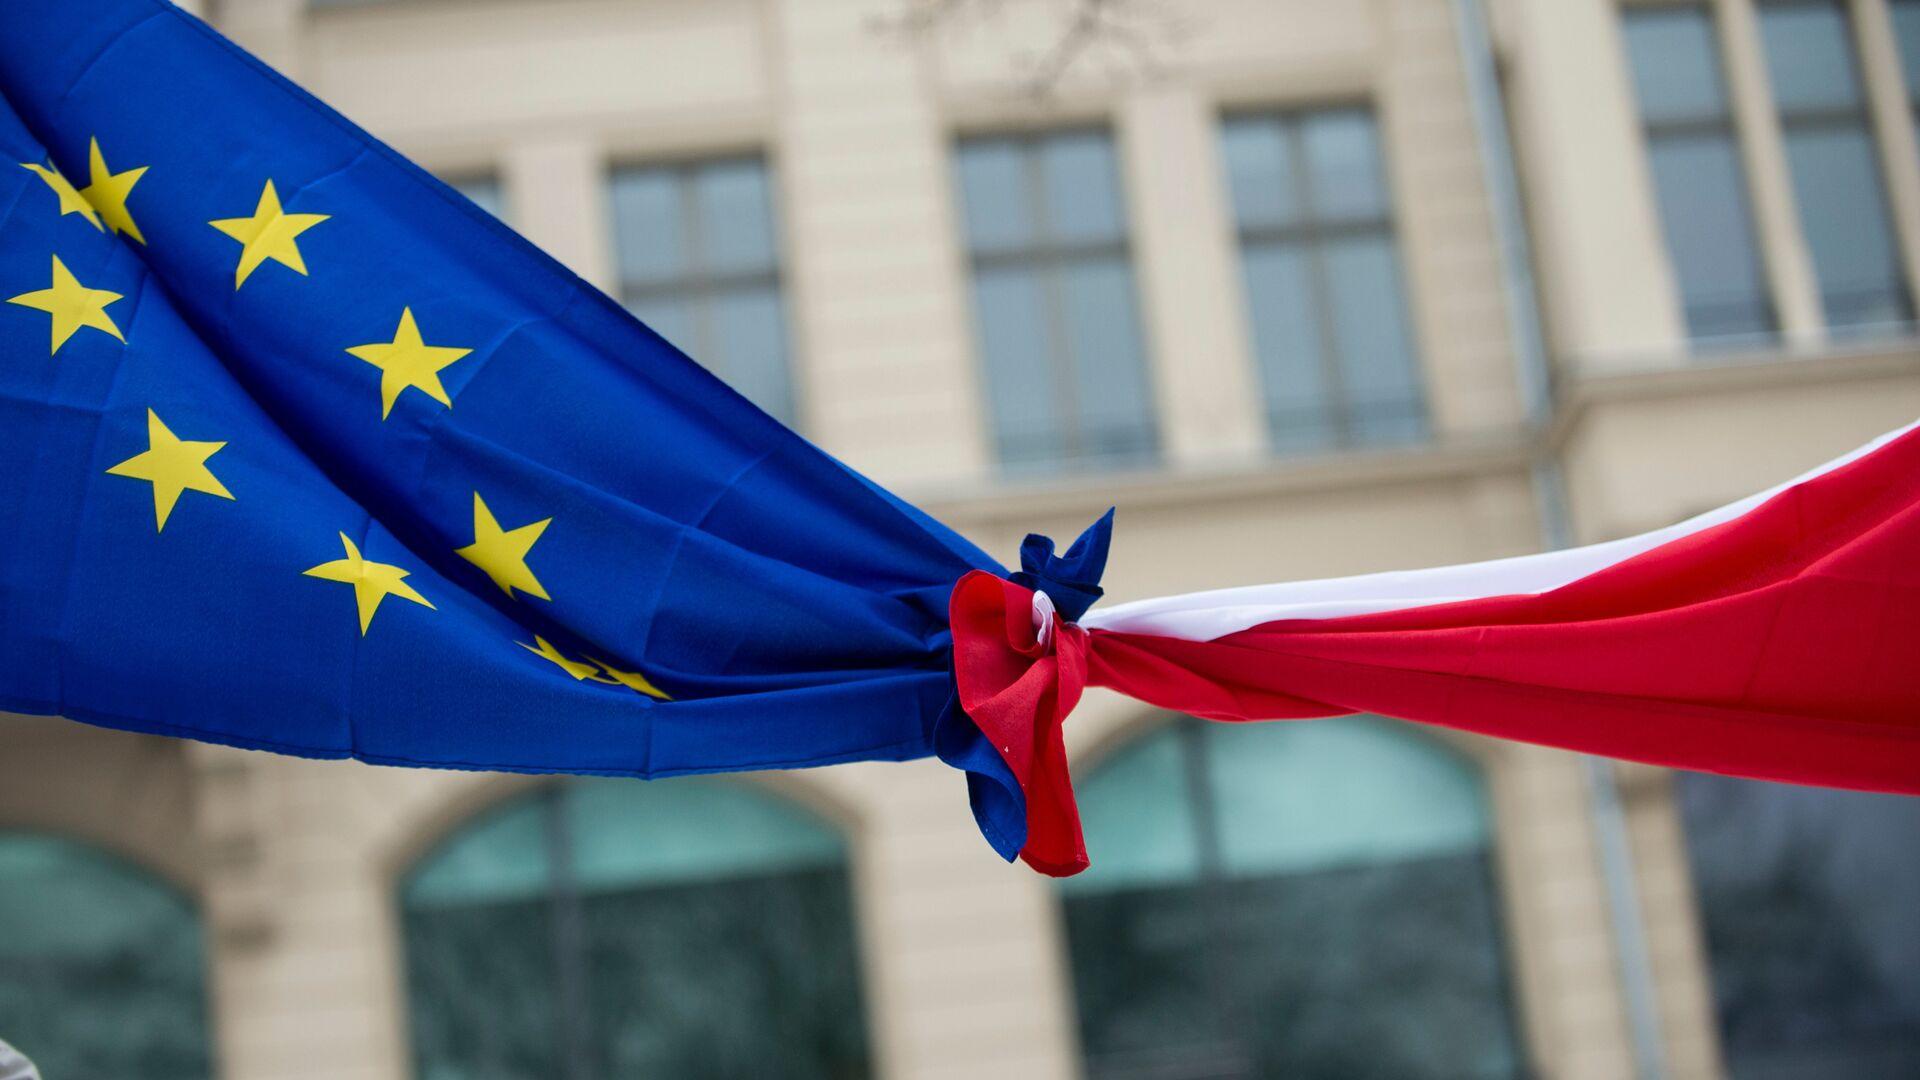 Немцы раскритиковали Польшу и призвали исключить ее из Евросоюза